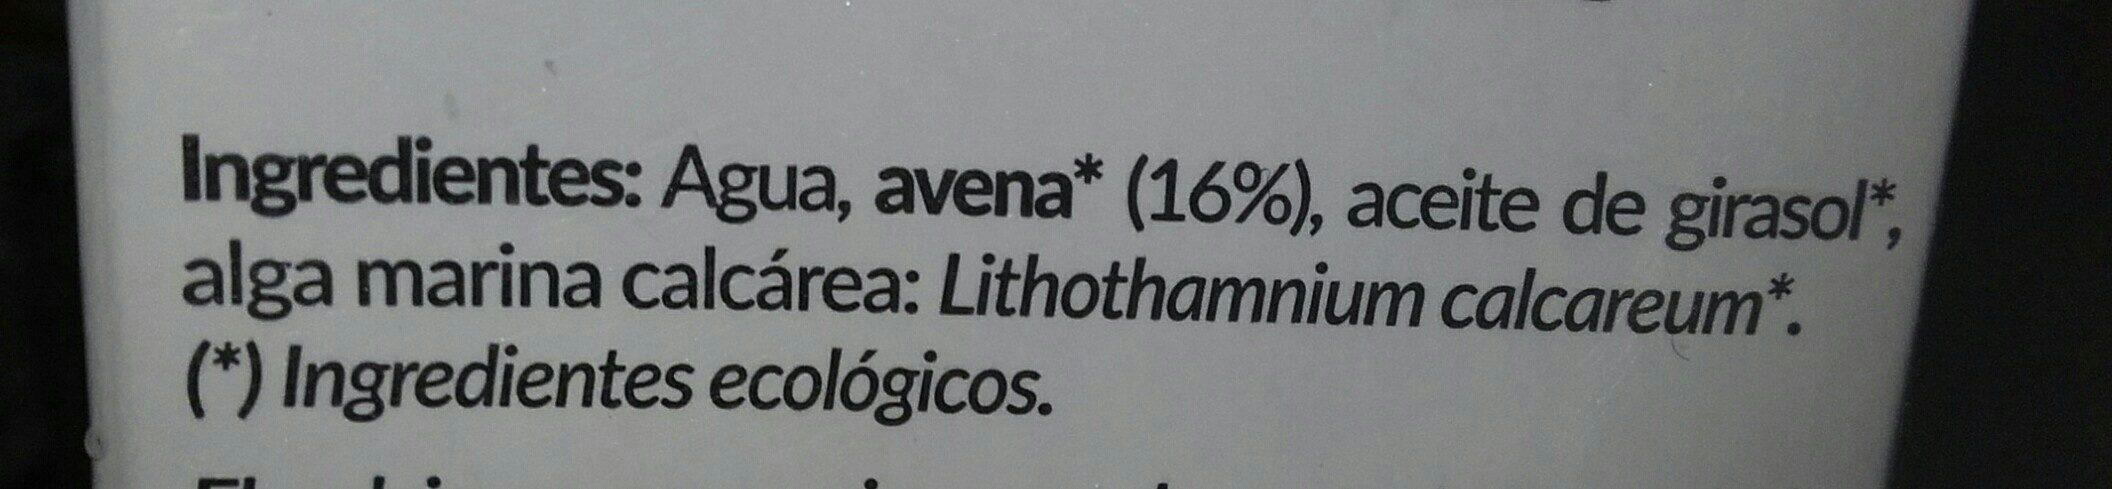 Avena con calcio - Ingredients - es